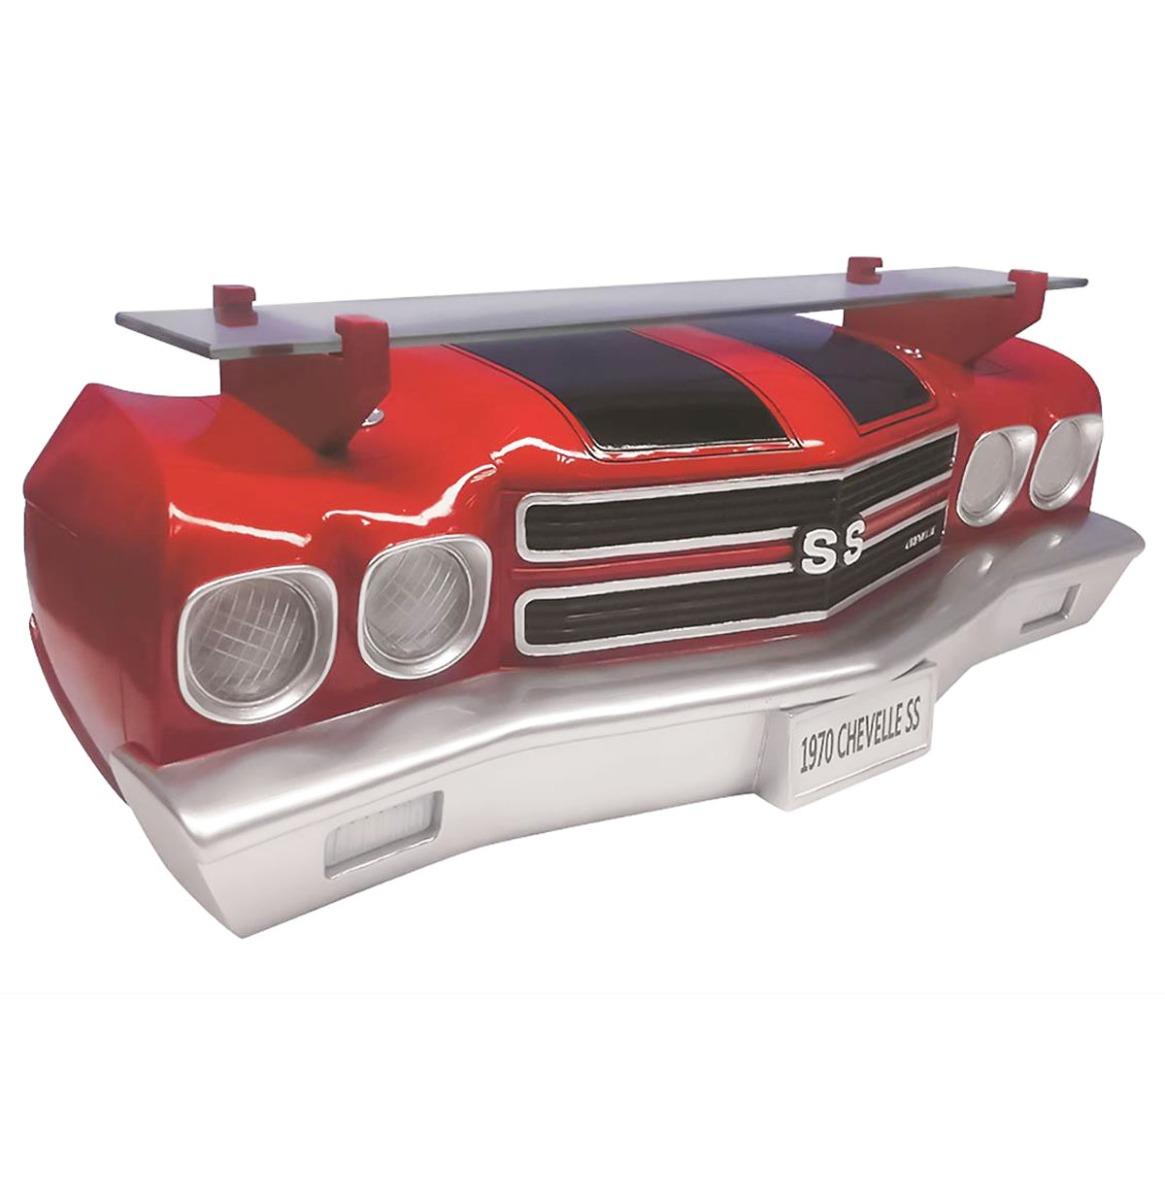 1970 Chevrolet Chevelle SS Neus Als Muurplank Rood - Zwart